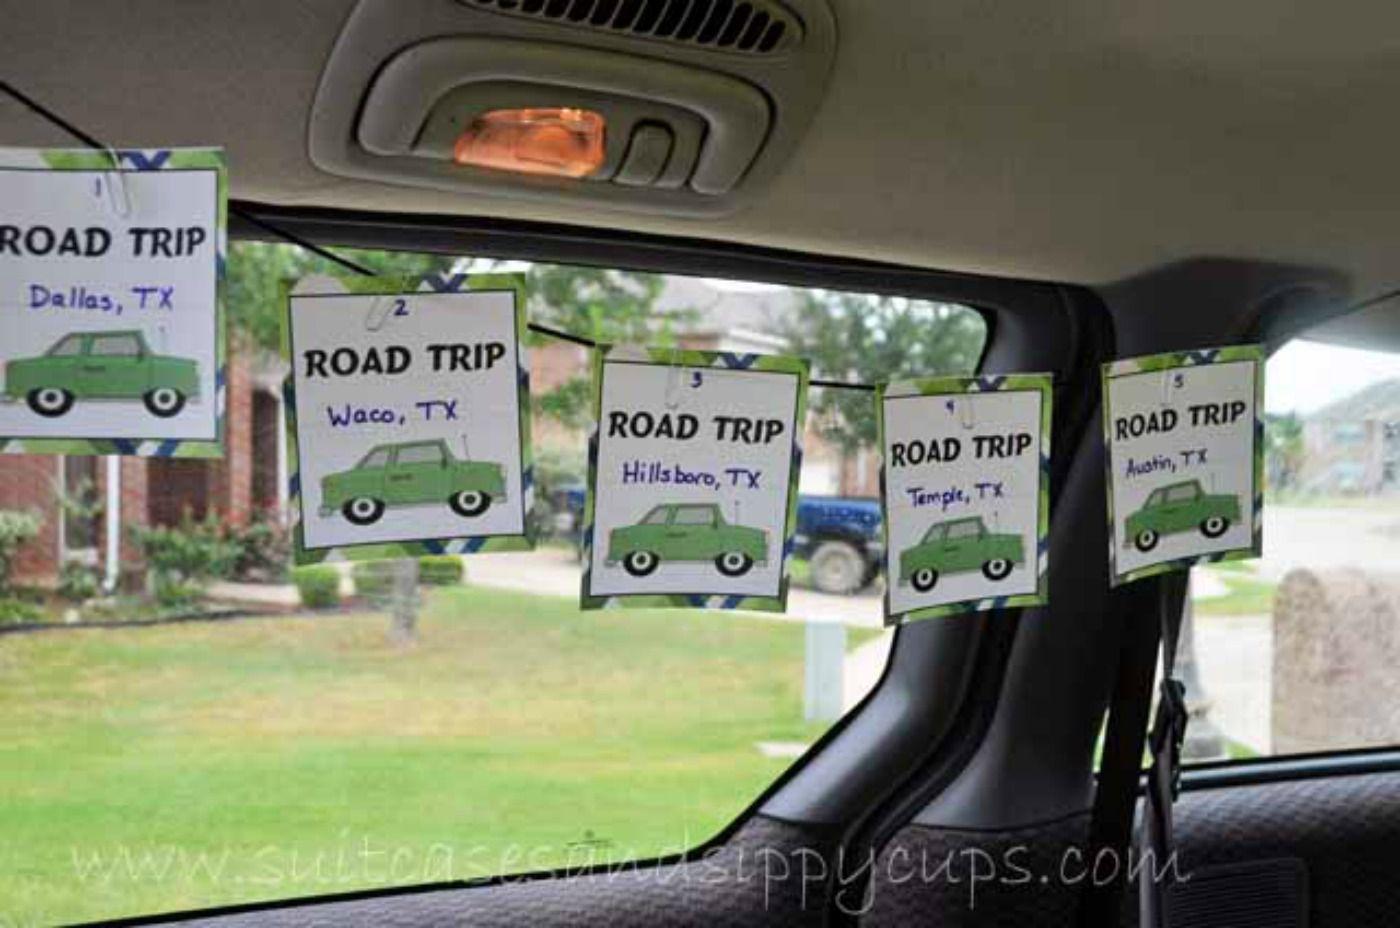 Pinterest_RoadTripHacks_RoadTripCountdown.jpg